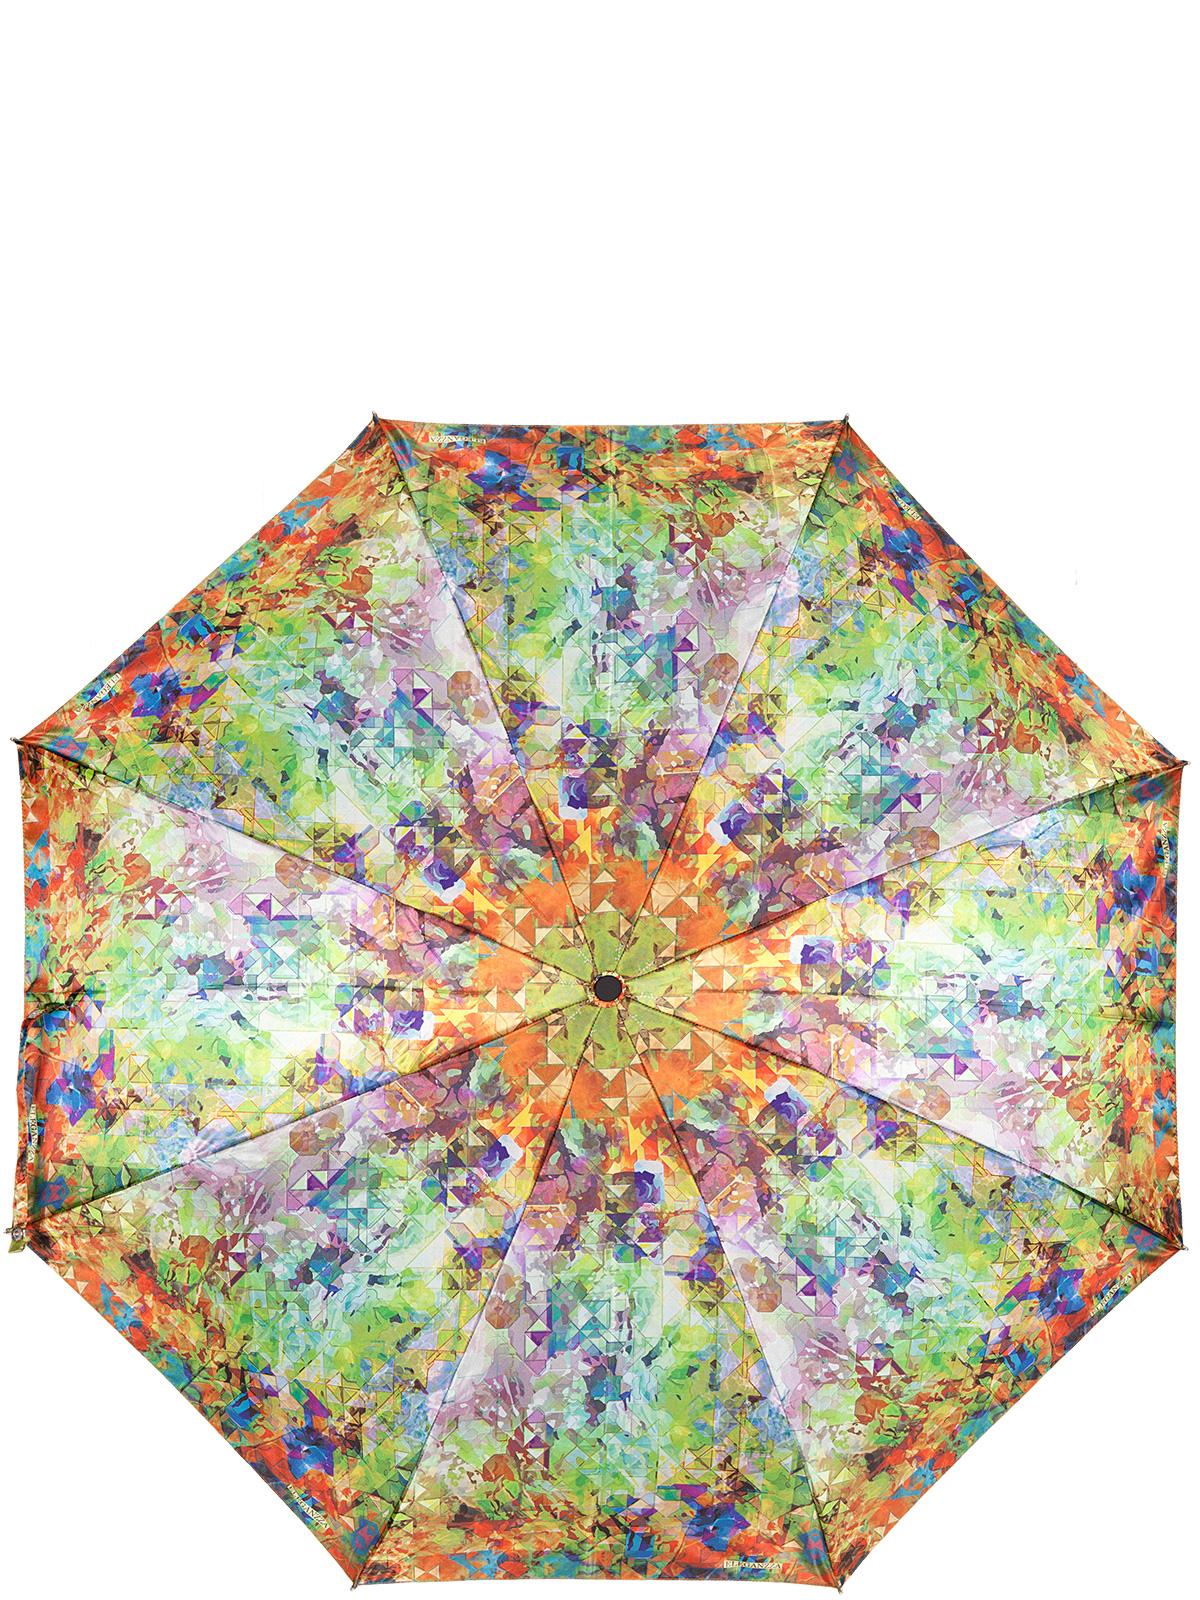 Зонт женский Eleganzza, цвет: оранжевый. A3-05-0312LSA3-05-0312LSЖенский зонт-автомат торговой марки Eleganzza с каркасом Smart, который позволяет без особых усилий складывать зонт, не позволяя стержню вылетать обратно. Купол: 100% полиэстер, сатин. Материал каркаса: сталь + фибергласс. Материал ручки: пластик. Длина изделия - 30 см. Диаметр купола - 105 см. Система Smart, не позволяет стержню при сложении вылететь обратно, это облегчает сложение зонта! При сложении есть характерный звук-треск, как трещетка. Примечание: зонт не откроется с кнопки если его не закрыть до щелчка.